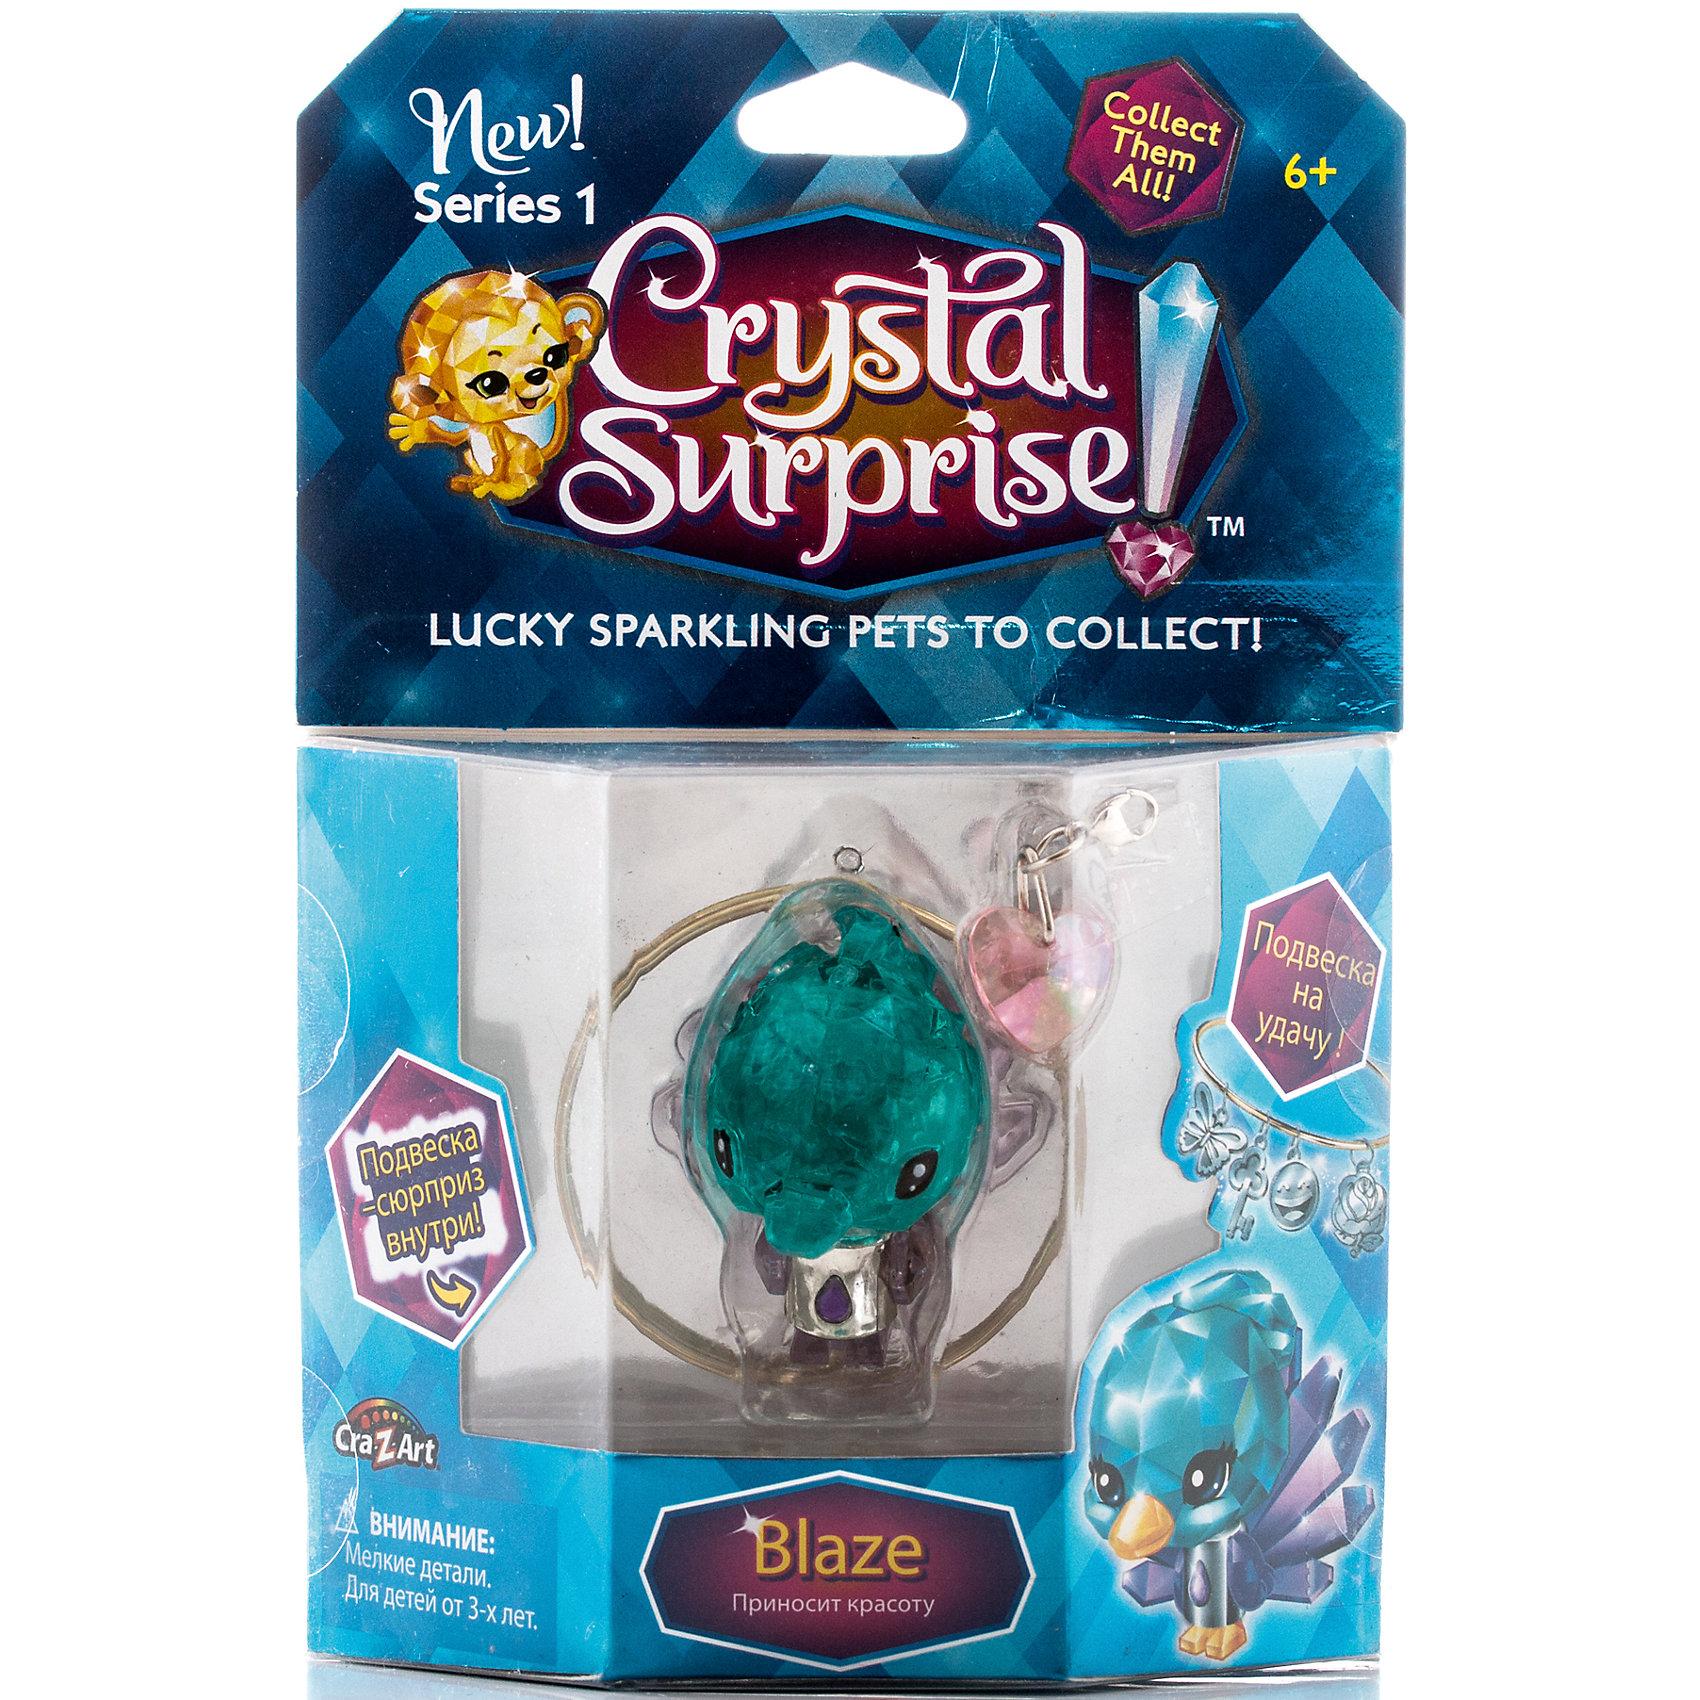 Фигурка Павлин+браслет и подвески, Crystal SurpriseПопулярные игрушки<br>Фигурка Crystal Surprise - искрящийся на солнце талисман. Эти волшебные зверьки будто сияют магией! Кристальные фигурки выполнены из высококачественного прозрачного пластика. У каждого зверька свой цвет и своя, особенная, история. Павлин Блейз (Blaze) - фигурка талисман, символ красоты. Павлин очень красивый, а его волшебная сила помогает сохранять и приумножать красоту вокруг. Кристальная фигурка сделана из прозрачного материала с ультрамариновым оттенком. В комплект, также, входит буклет коллекционера и украшения для девочек - браслет, подвеска в виде сердечка и подвеска-сюрприз. Их можно повесить на рюкзак, использовать как брелок или украсить свой браслет.<br><br>Ширина мм: 130<br>Глубина мм: 195<br>Высота мм: 45<br>Вес г: 87<br>Возраст от месяцев: 36<br>Возраст до месяцев: 192<br>Пол: Женский<br>Возраст: Детский<br>SKU: 4663707